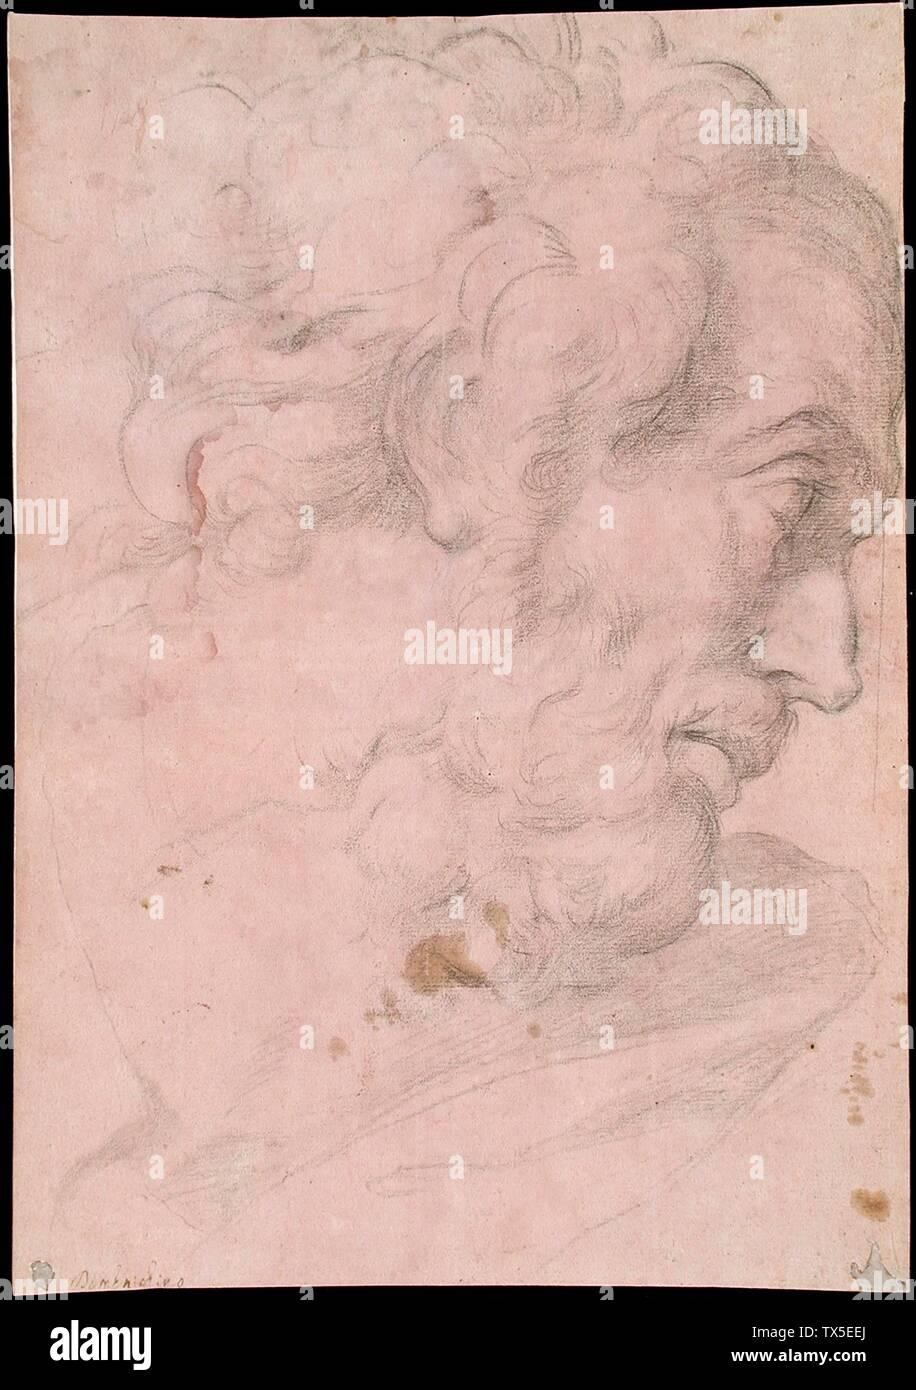 """""""Tête d'un homme barbu; Anglais: Italie, 1596-1641 Dessins craie noire sur papier préparé rose/mauve, prévue pour le don de M. et Mme Henry Blanke (M.72.124.6) Estampes et dessins; entre 1596 et 1641:P571 QS date,+1500-00-00T00:00:00Z/6,P1319,+1596-00-00T00:00:00Z/9,P1326,+1641-00-00T00:00:00Z/9; ' Photo Stock"""